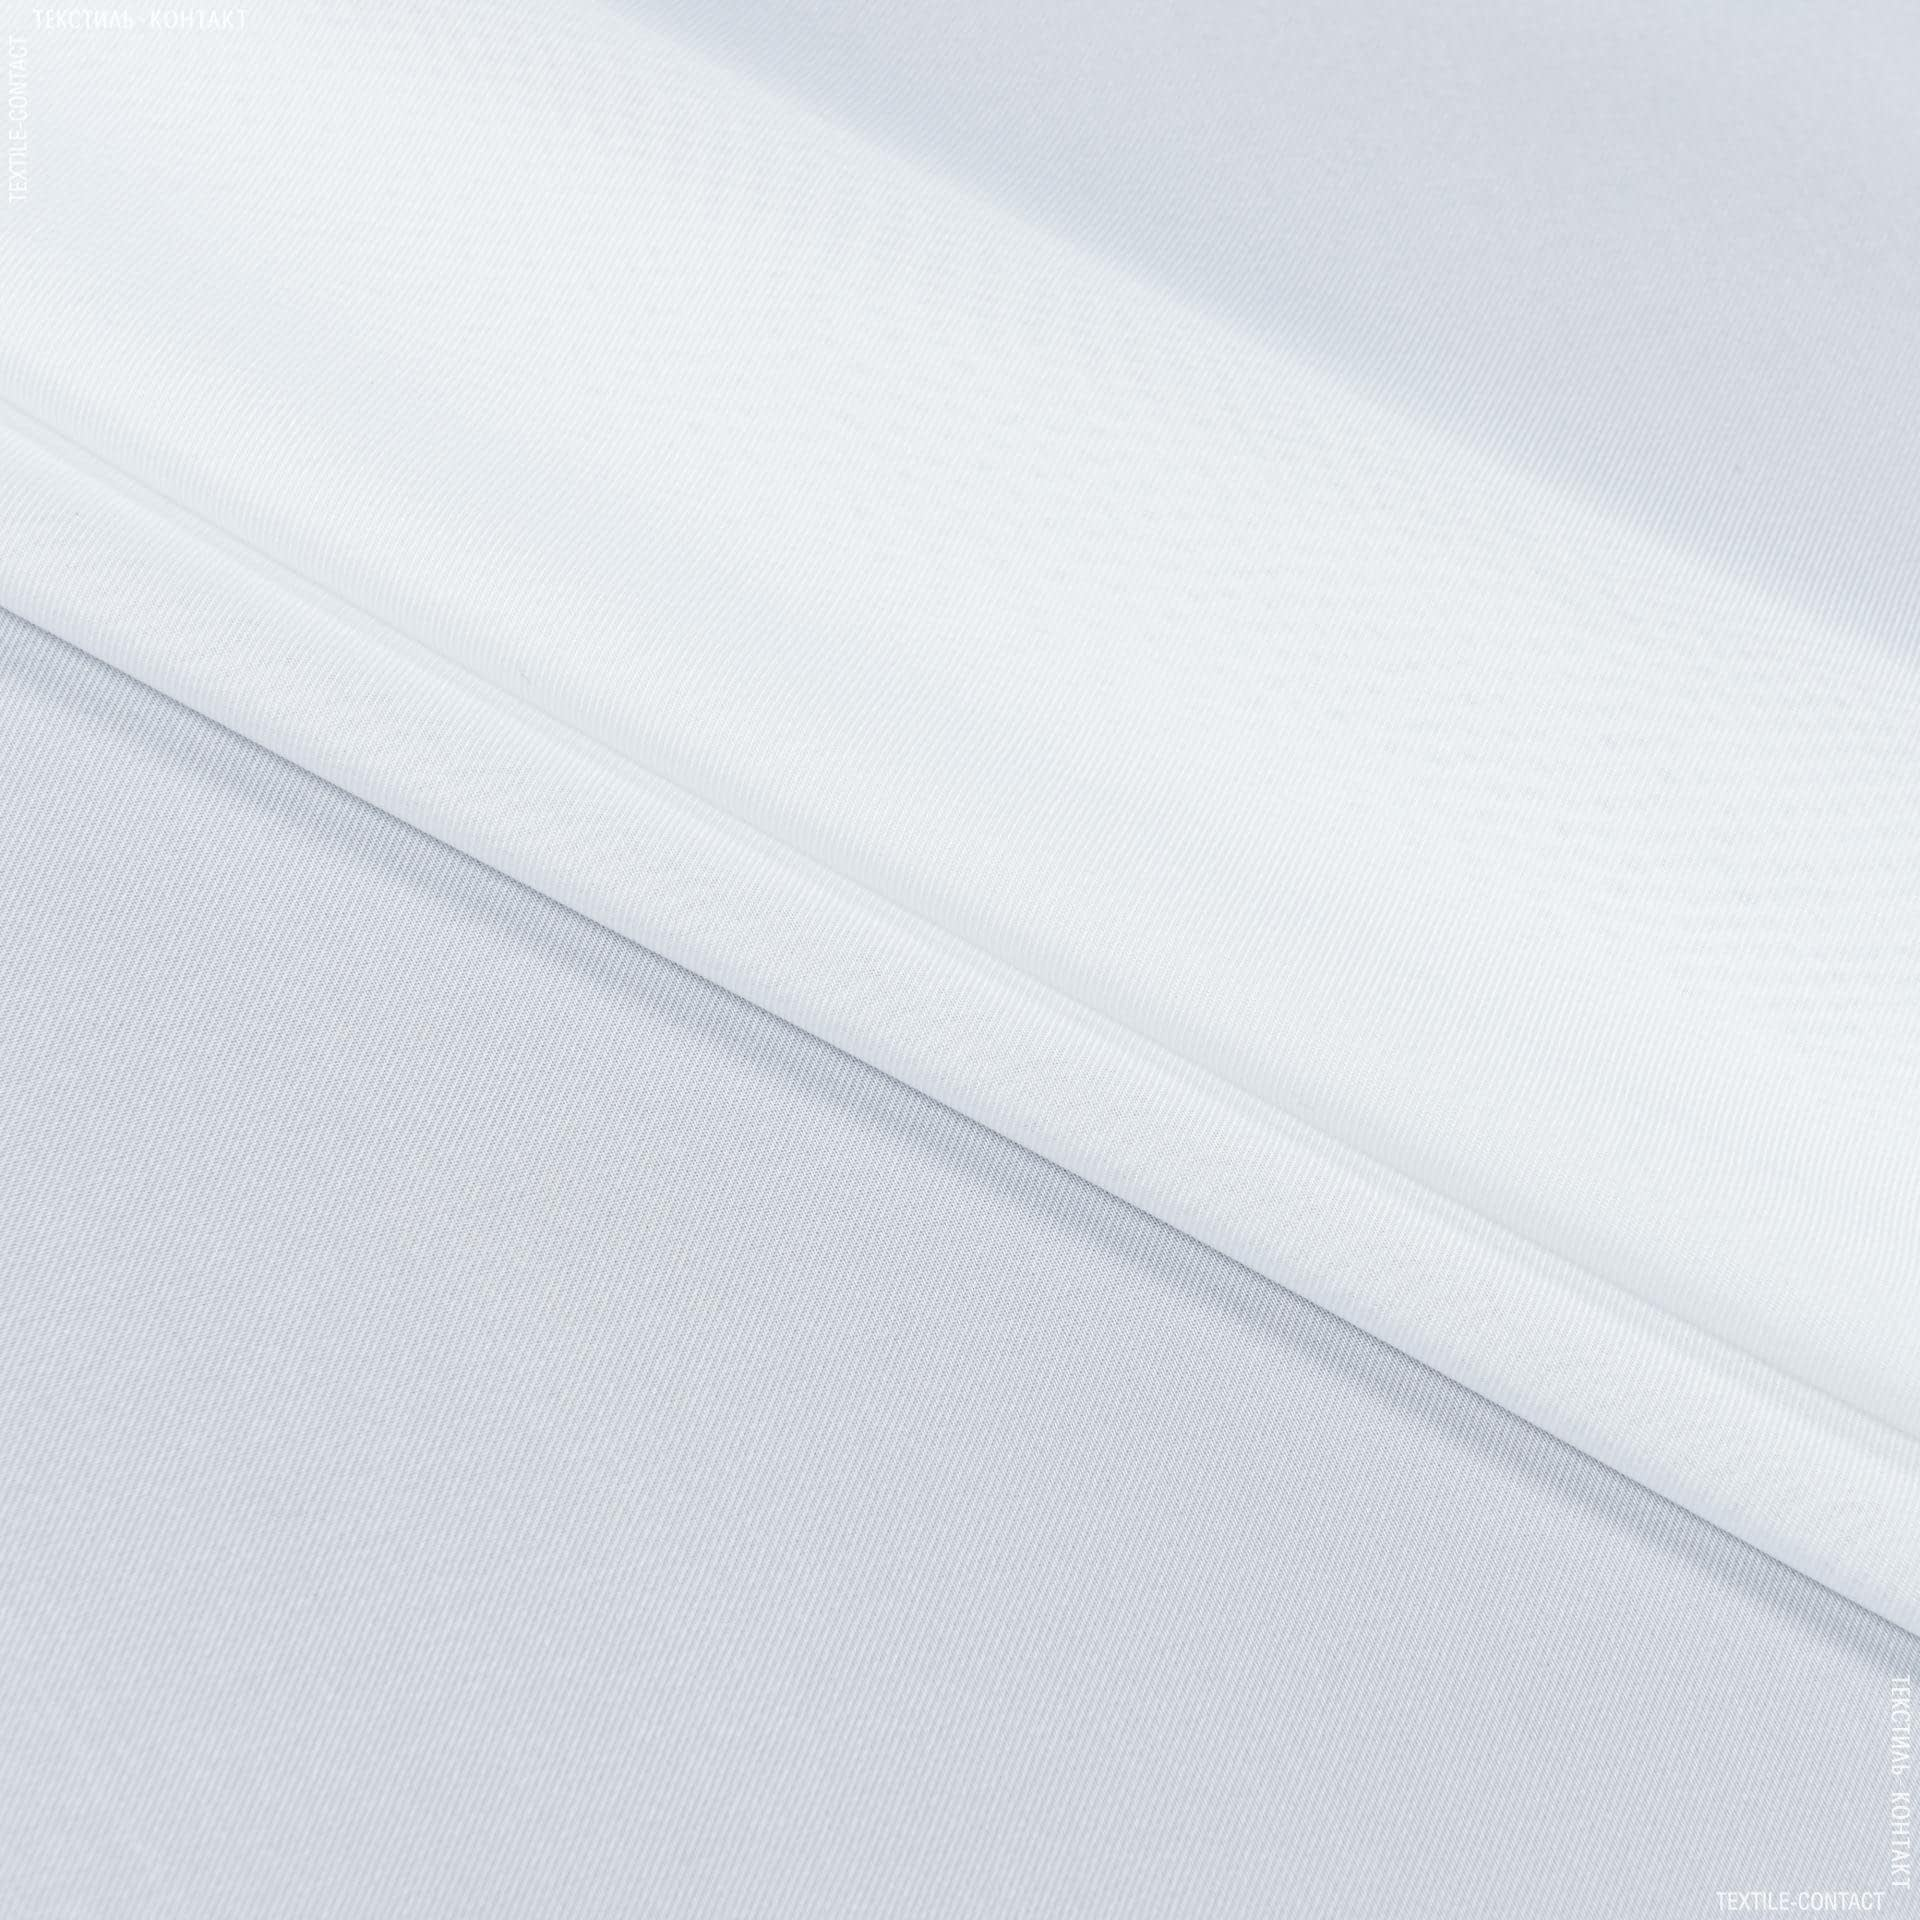 Тканини для тюлі - Тюль з обважнювачем британський молочно-білий